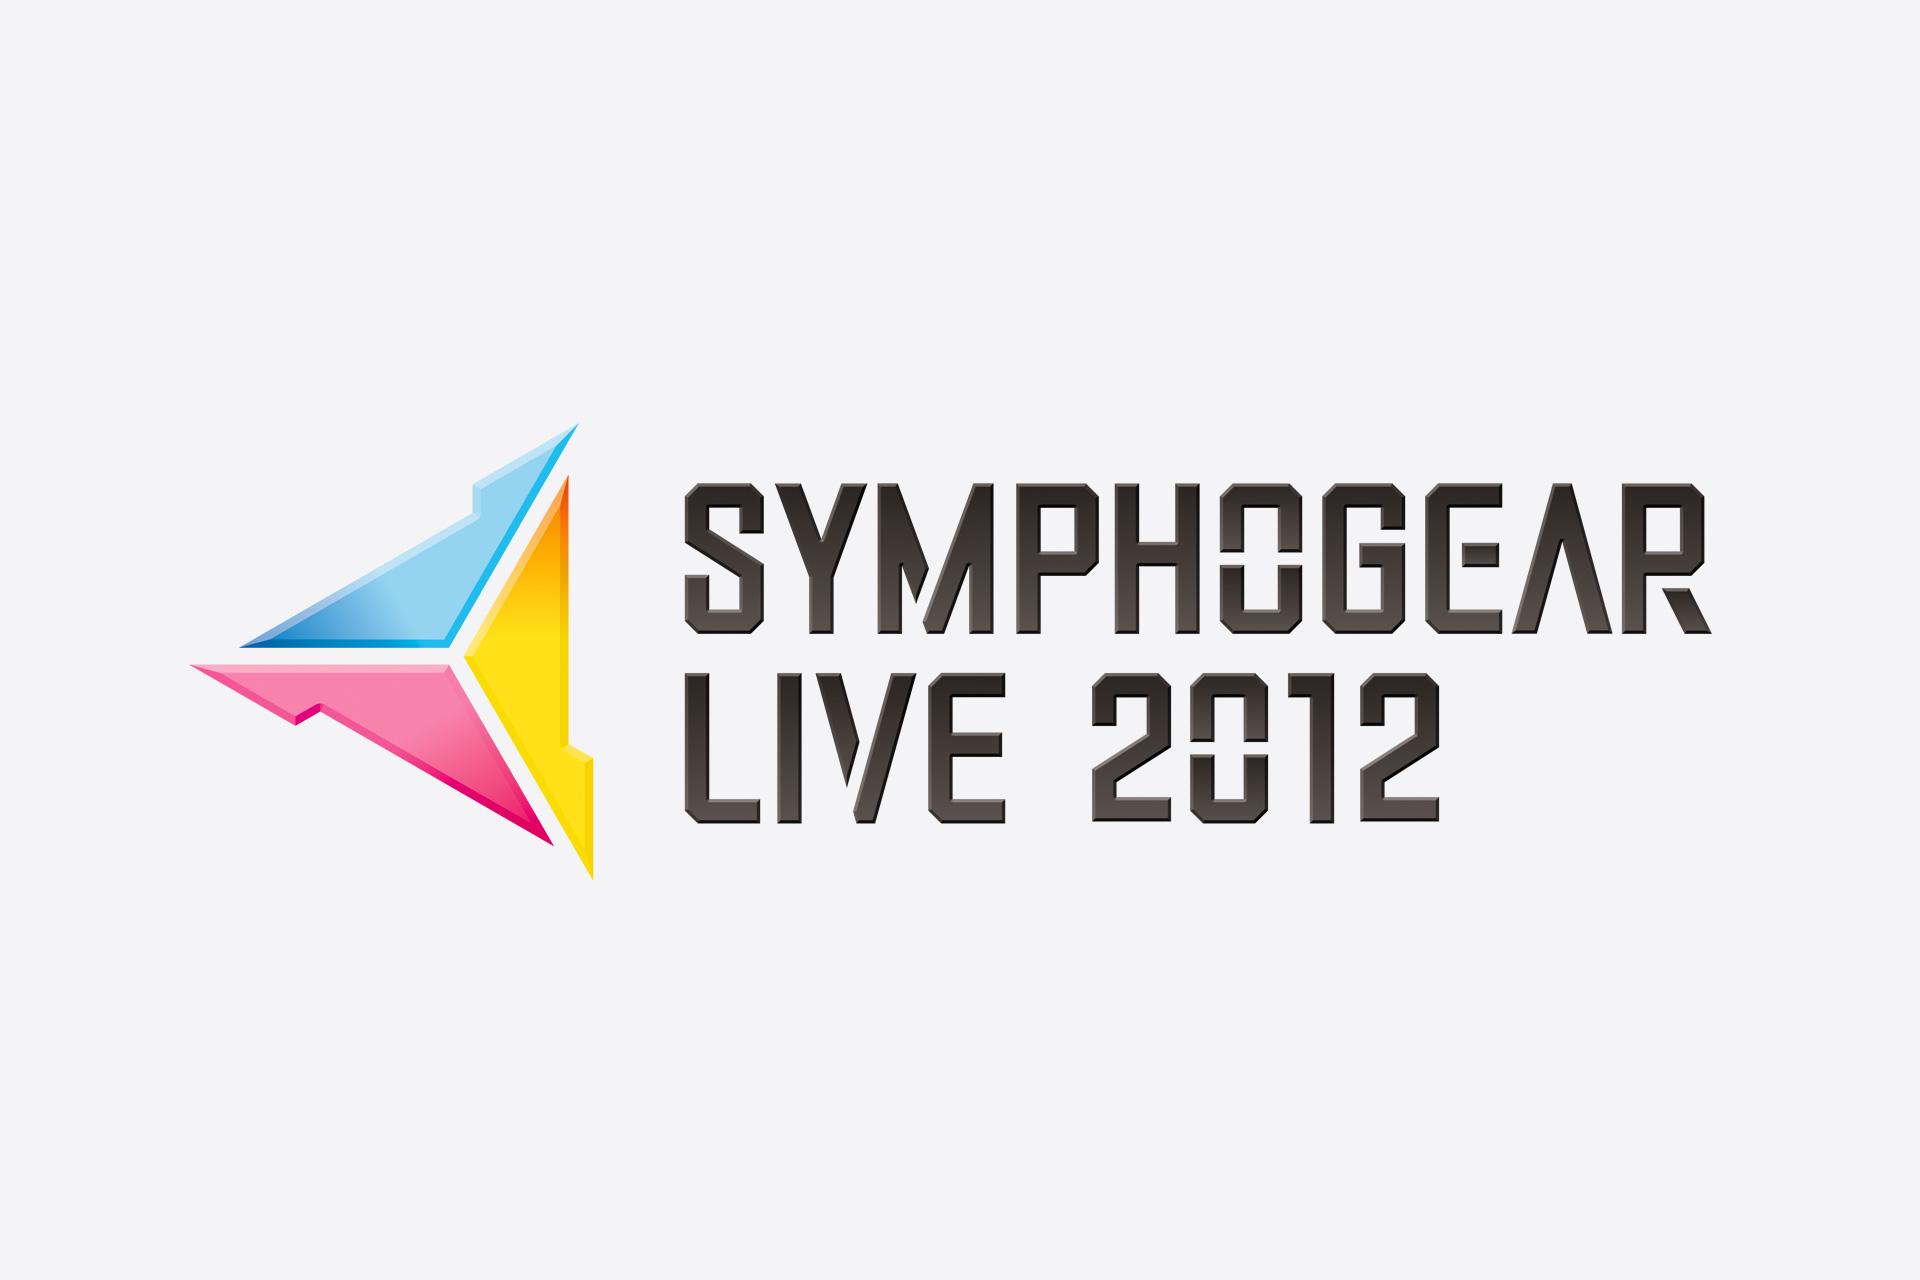 シンフォギアライブ2012